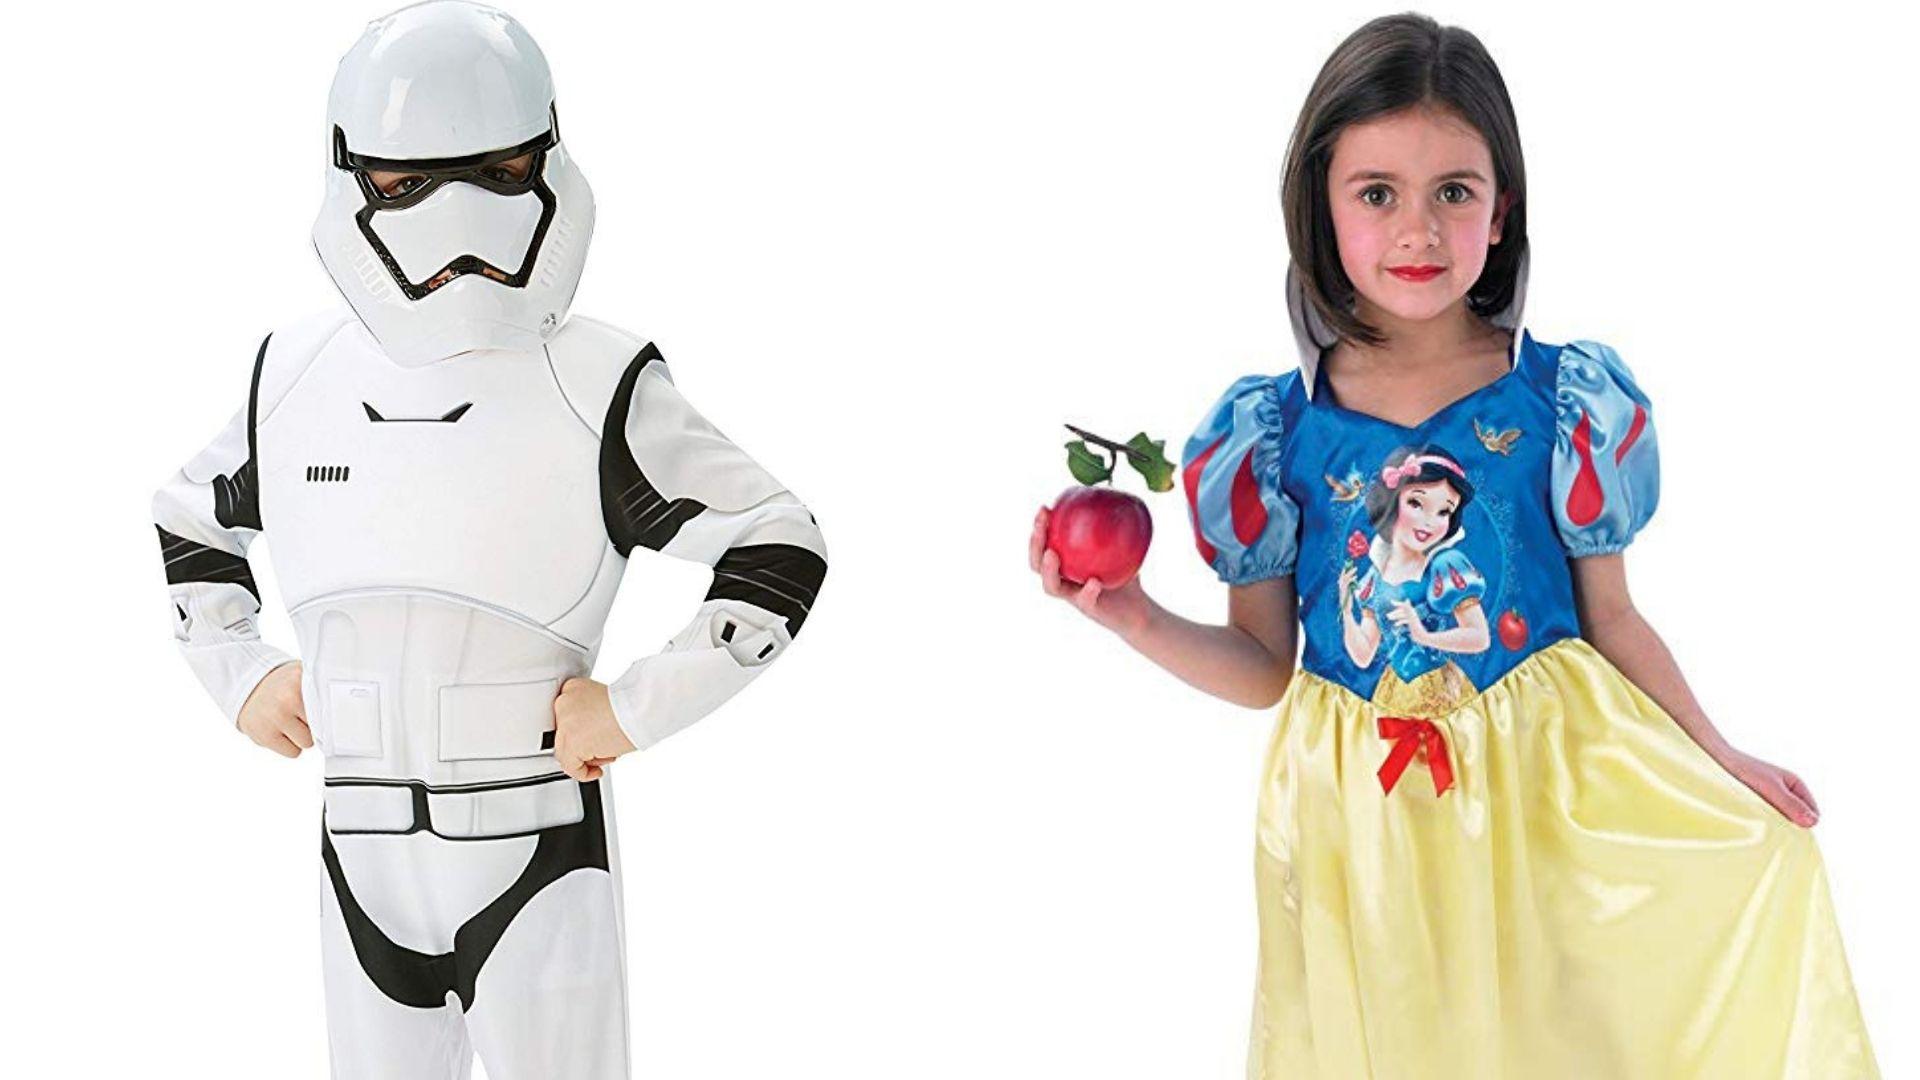 Disfraces de Caballero Imperial y Blancanieves. Fuente: Amazon.